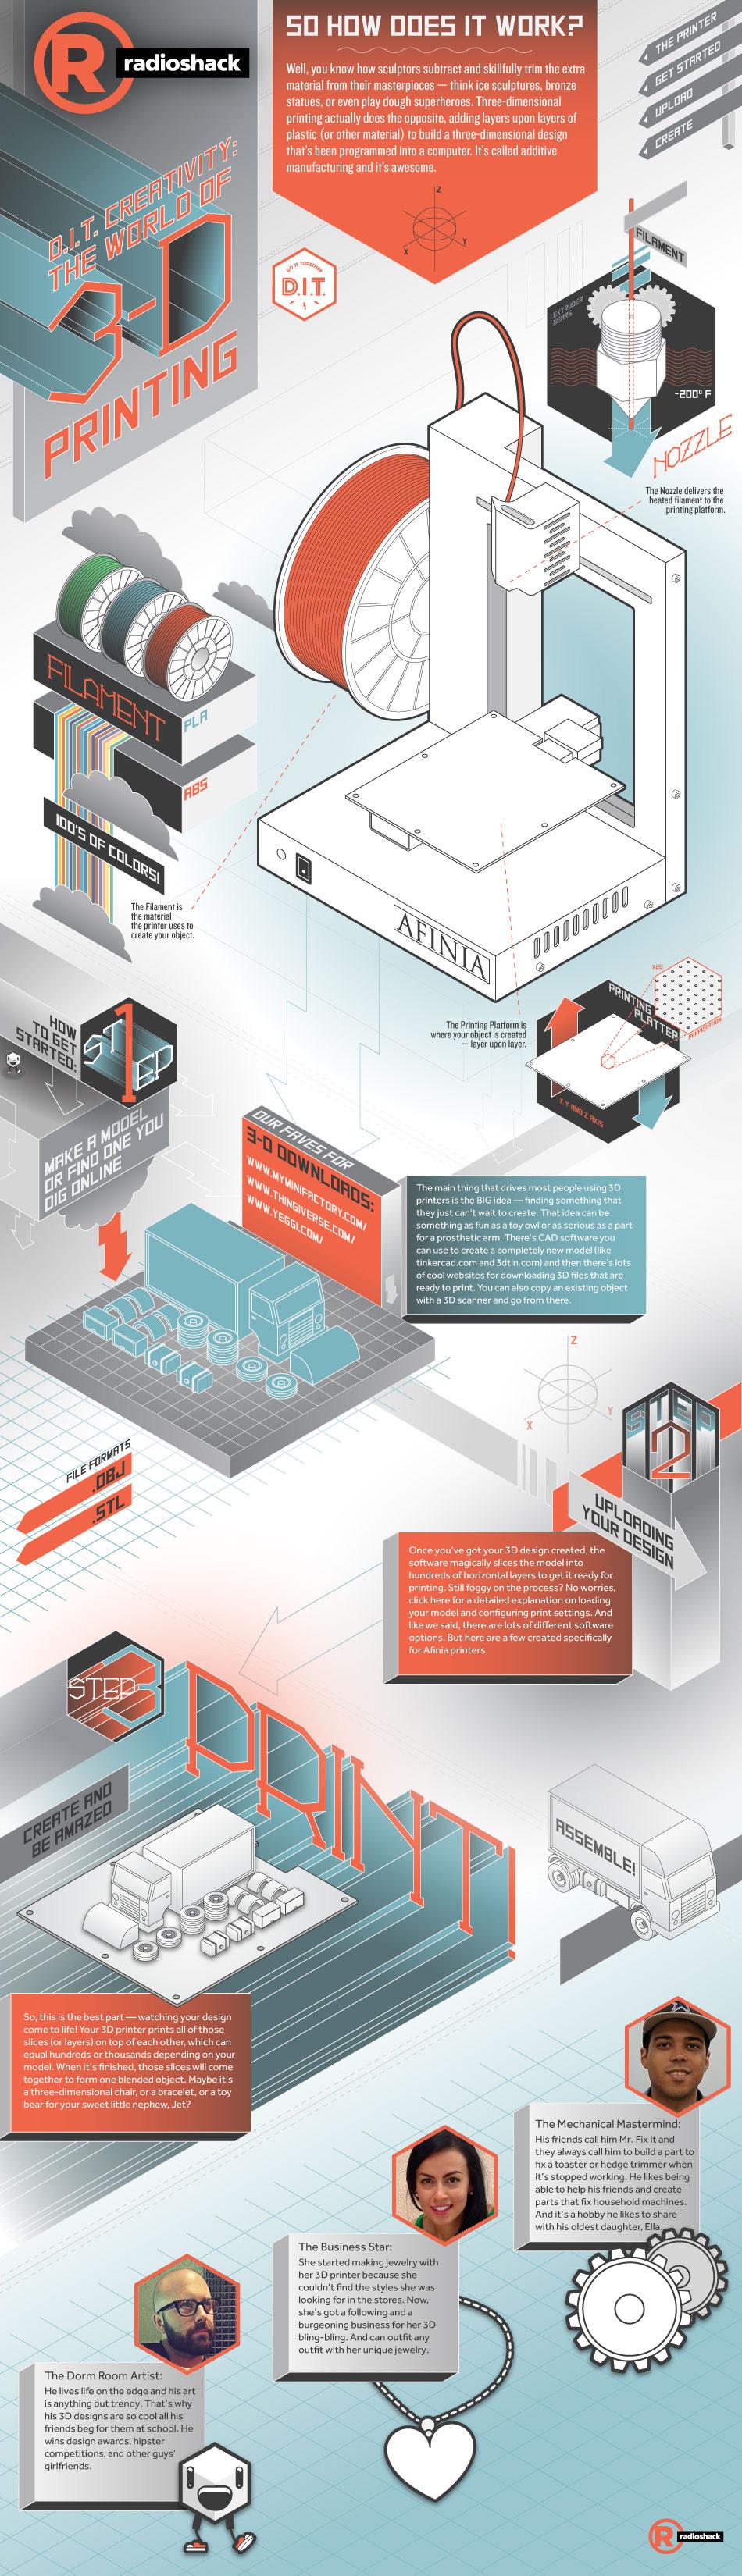 RadioShack-3DPrinting.jpg